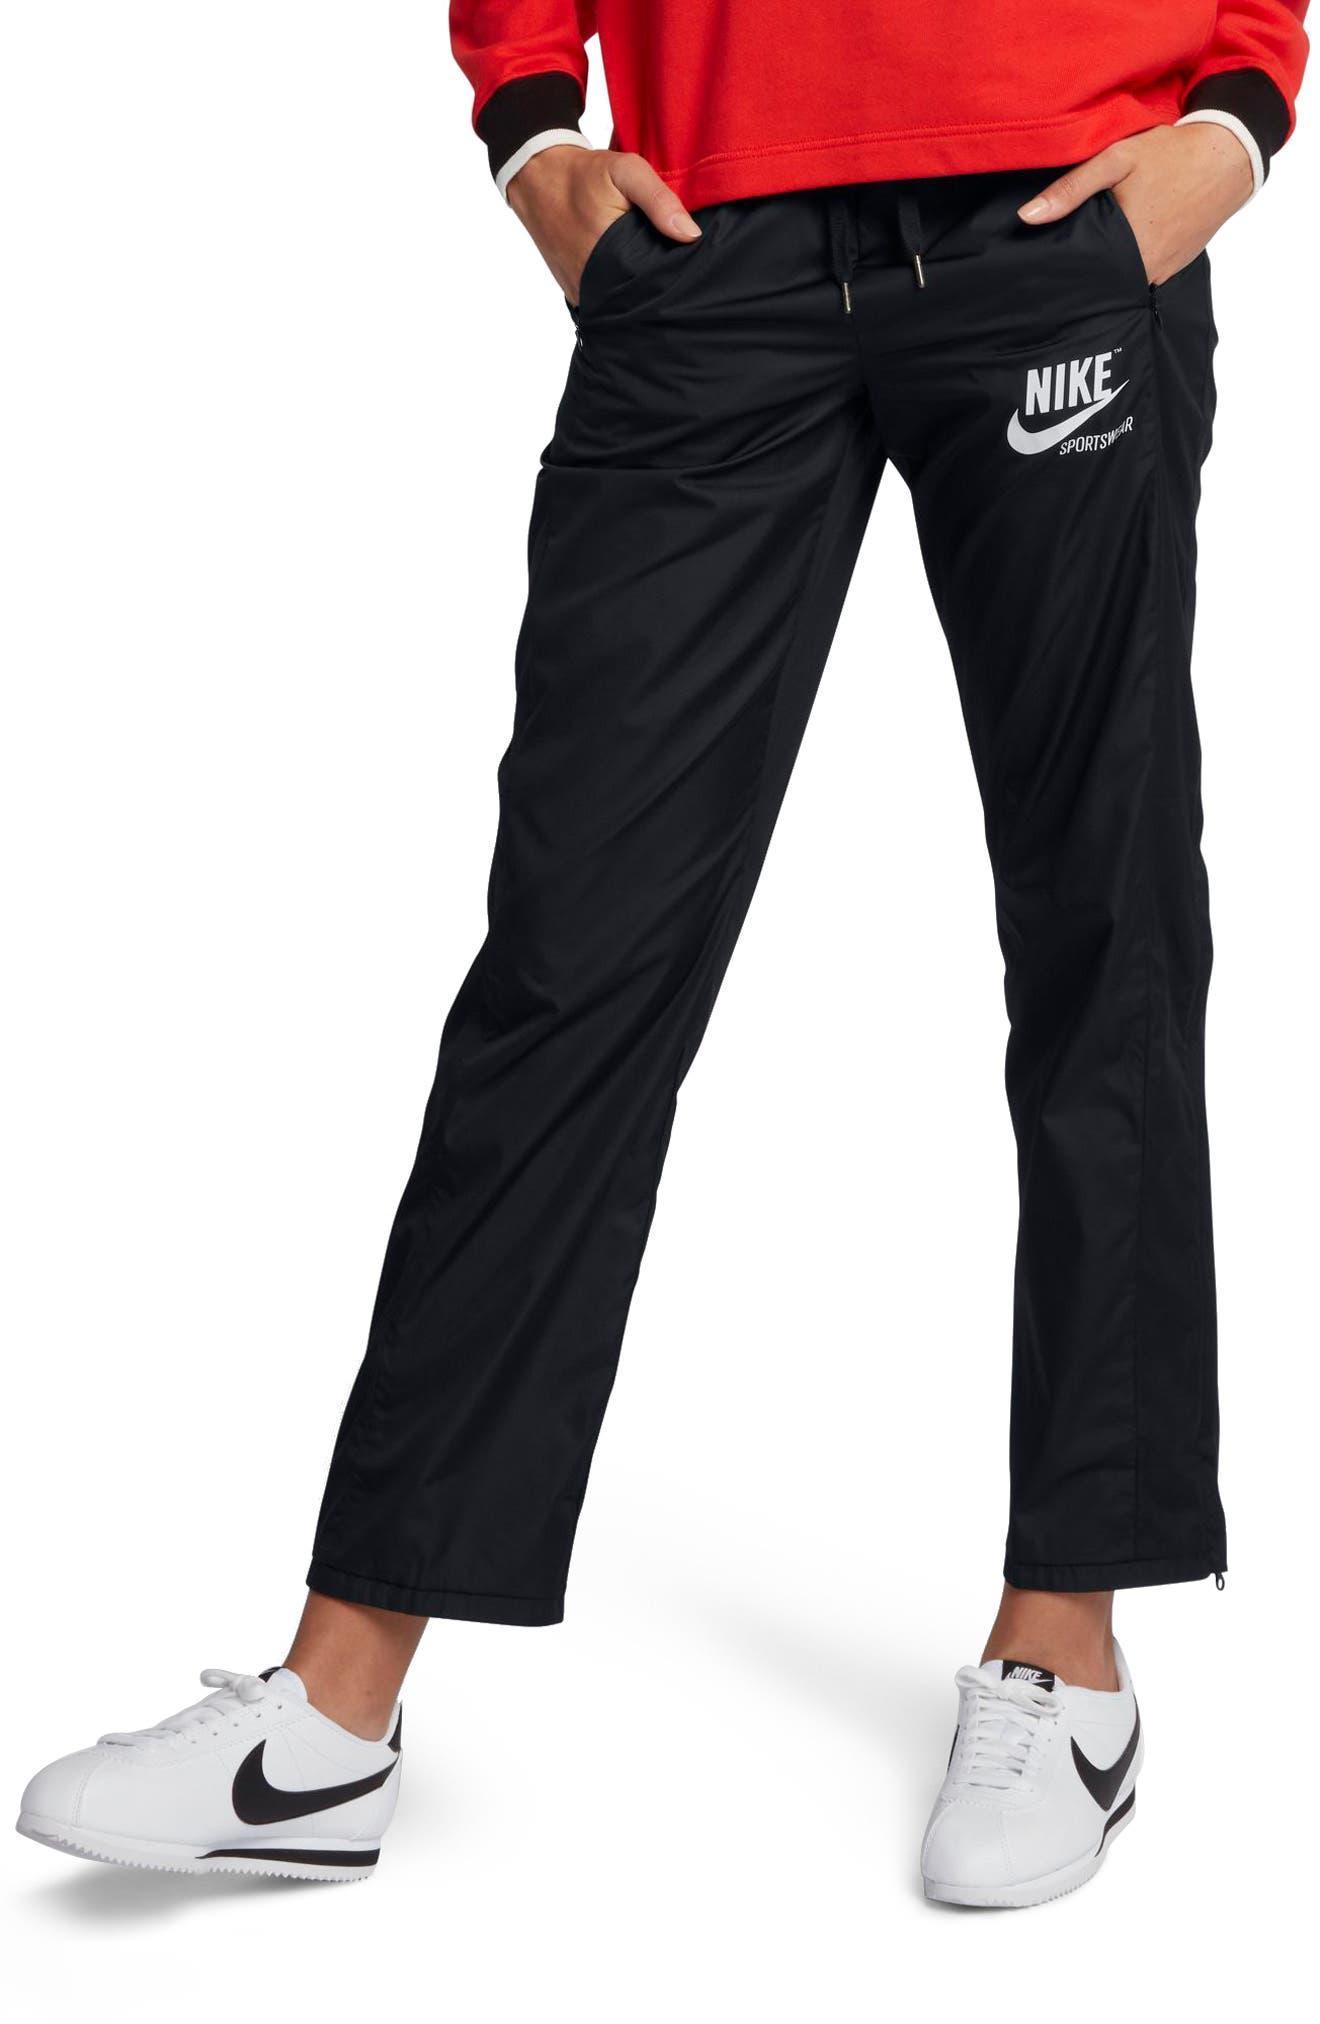 Main Image - Nike Sportswear Women's Stretch Faille Pants